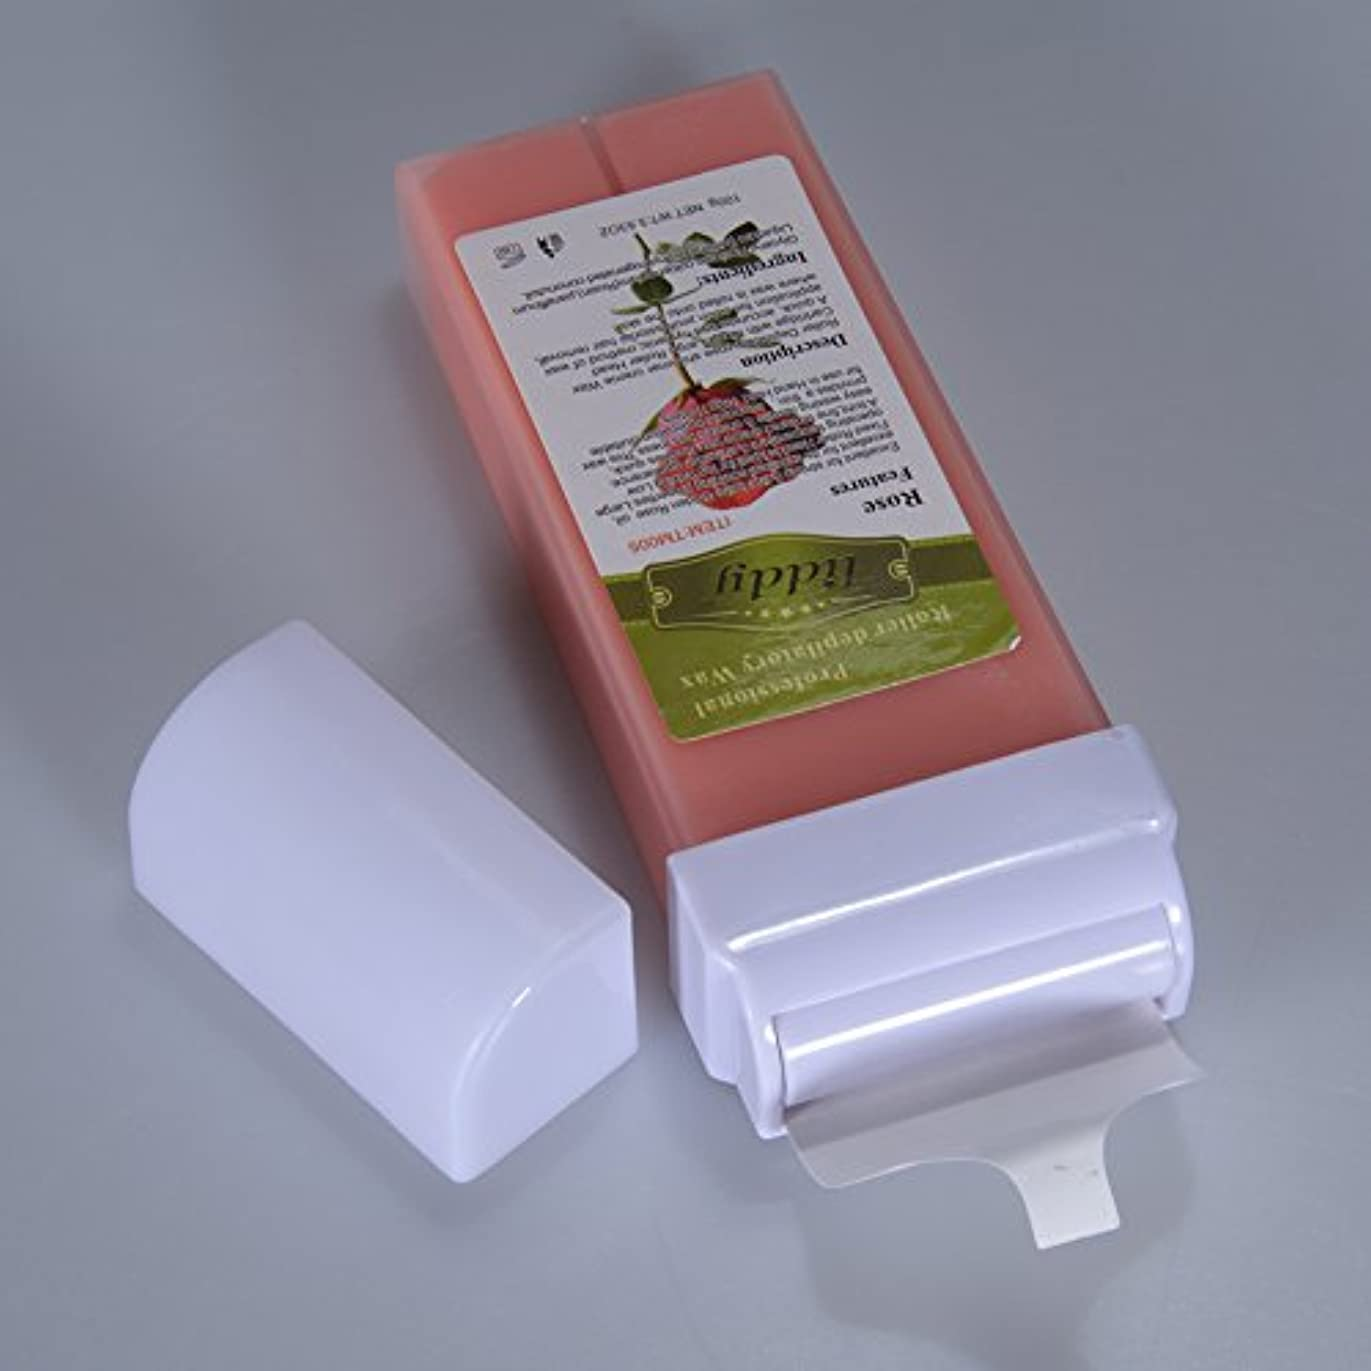 試してみる評判呼吸Rabugoo 脱毛プロフェッショナル使用水溶性脱毛砂糖ワックスカートリッジワックスグッドスメル - 100g / 3.53oz 100g rose